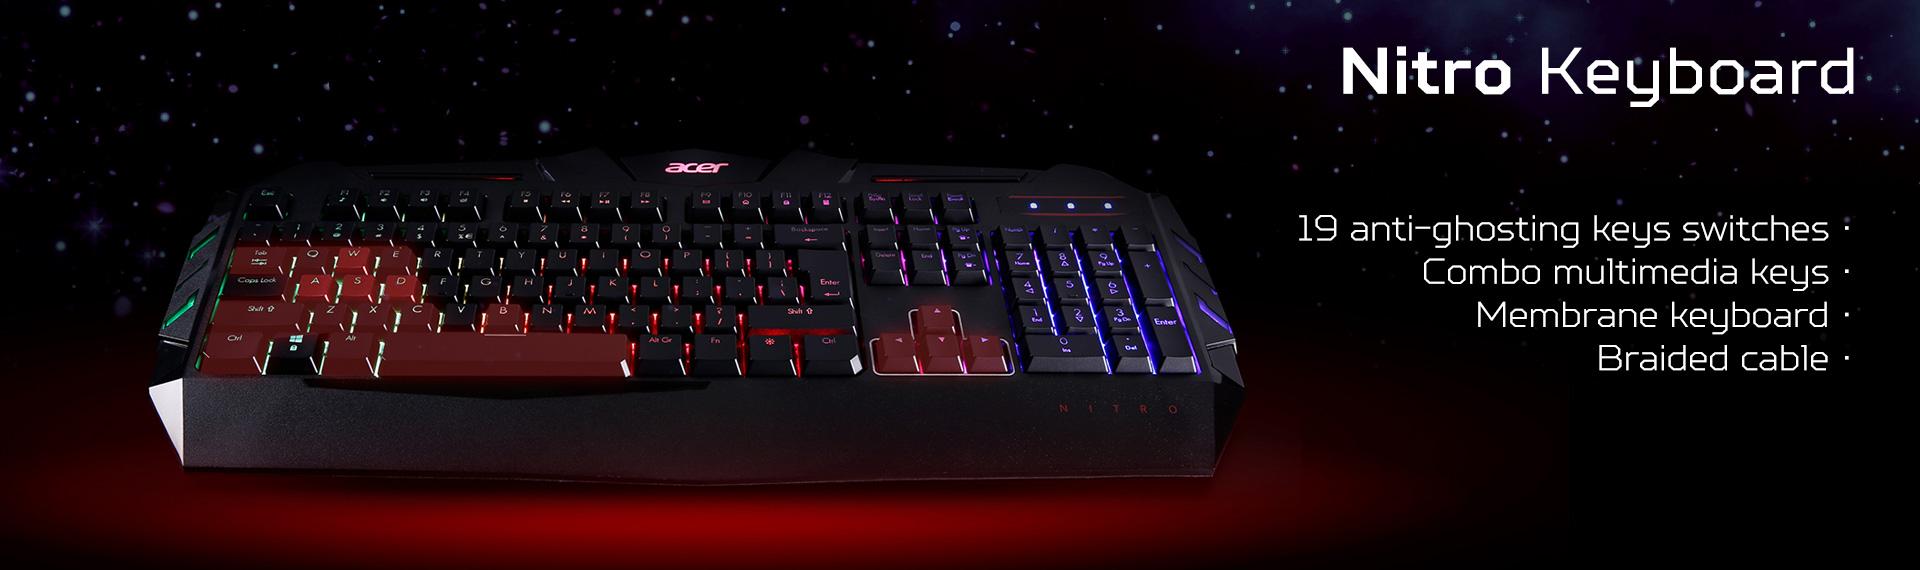 Keyboard Nitro, si Canggih untuk Aksi Gaming Hardcore